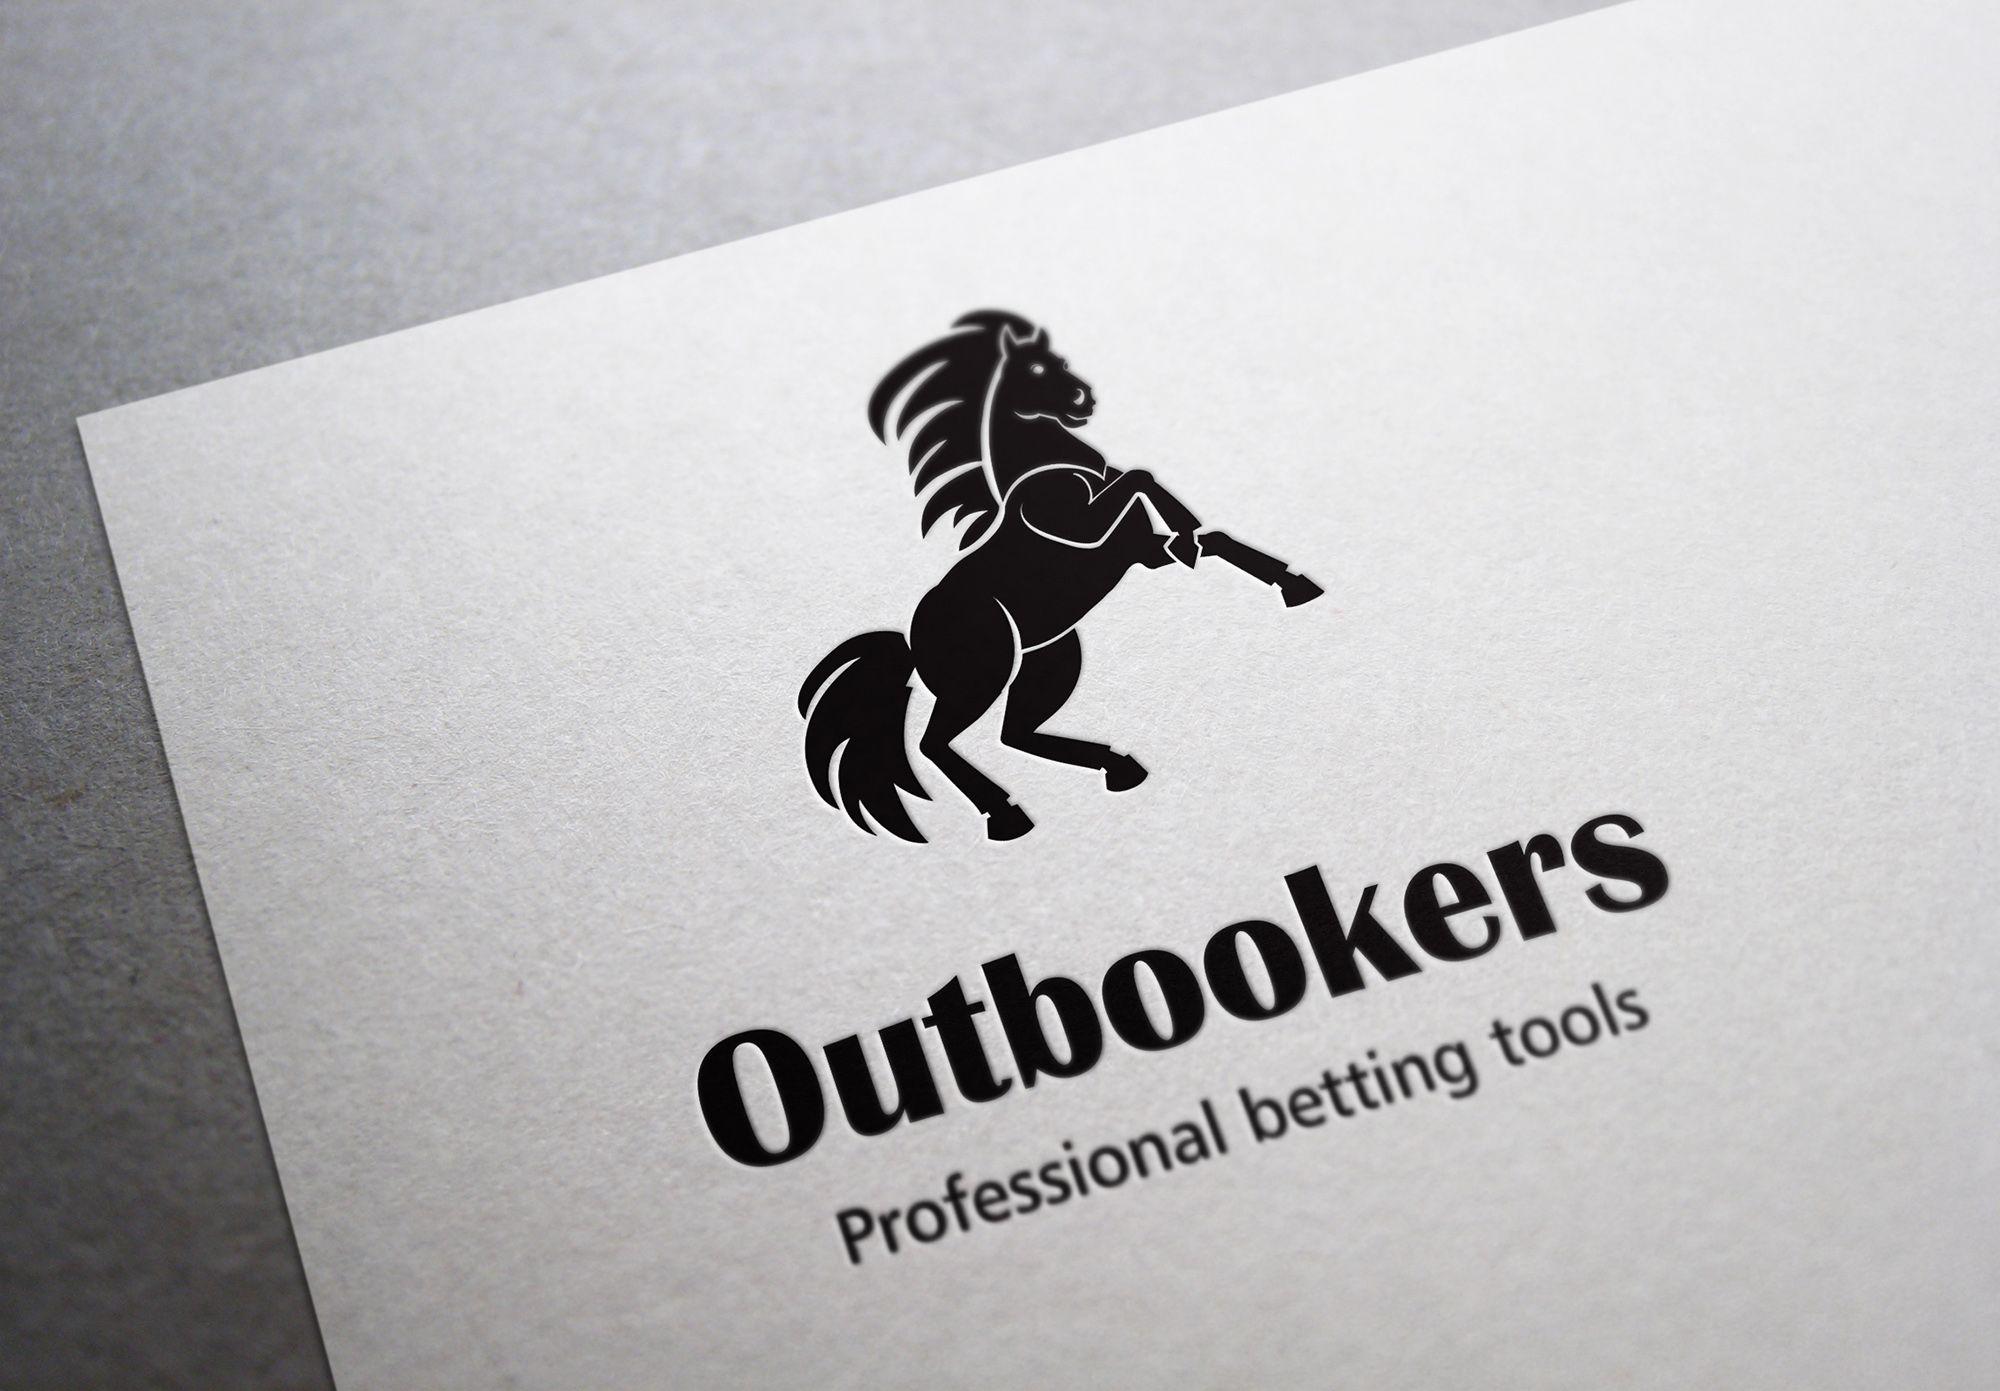 Образ лошади в логотипе (спортивная аналитика) - дизайнер Jay_Silent